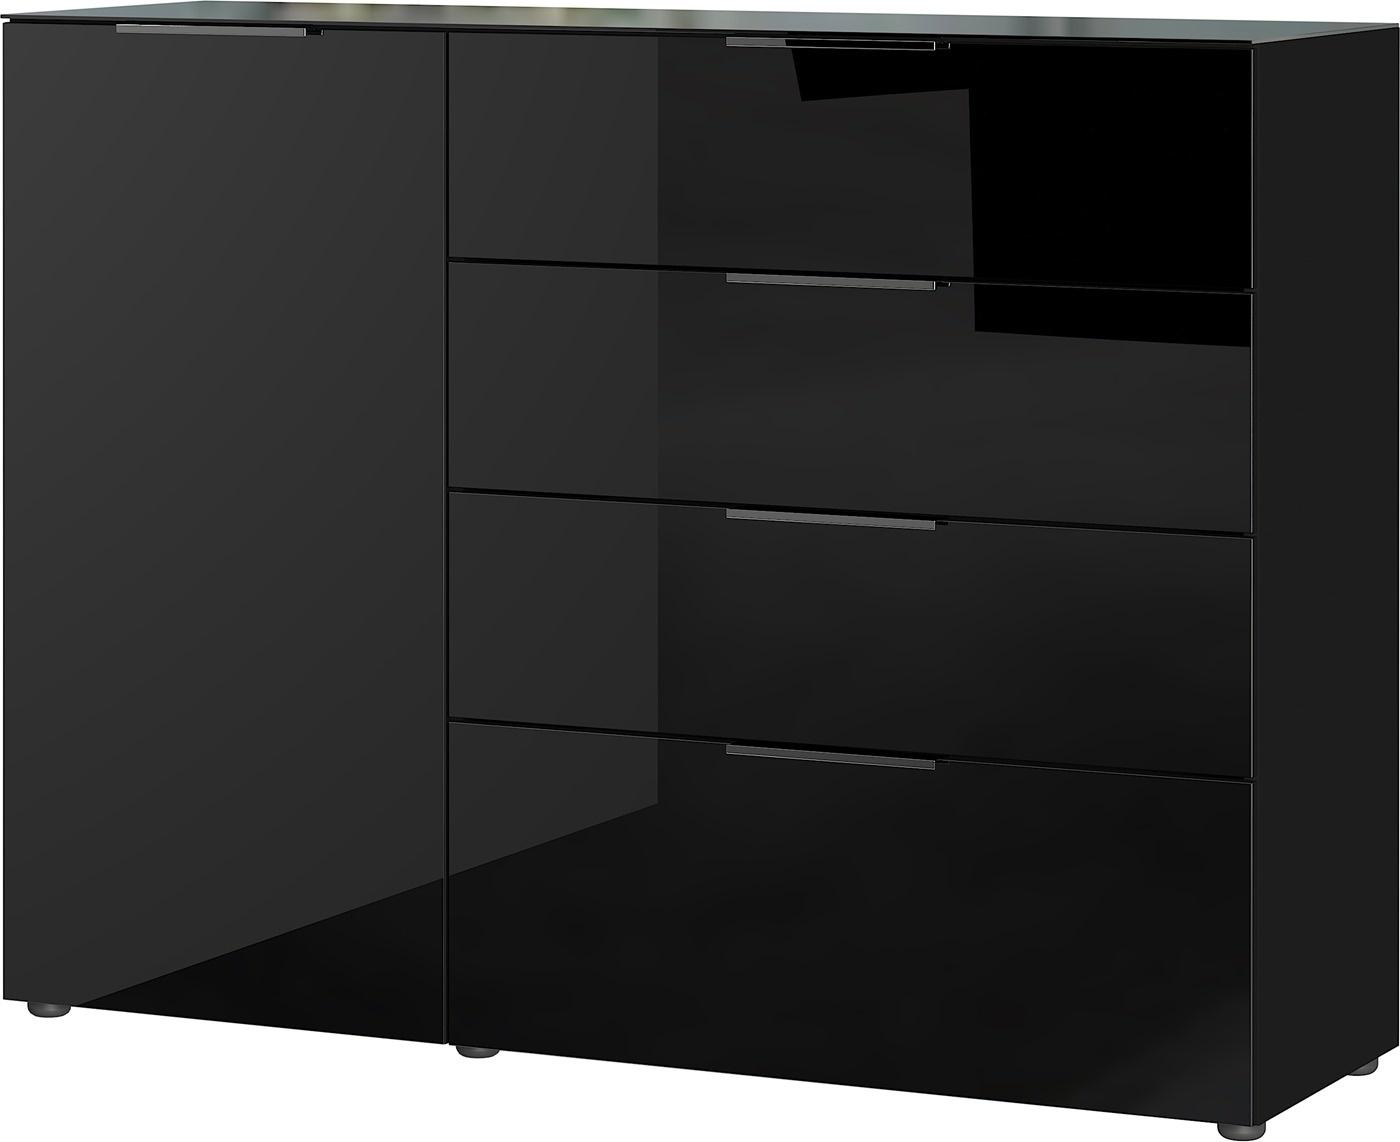 Dressoir Oakland 134 cm breed in zwart | Germania